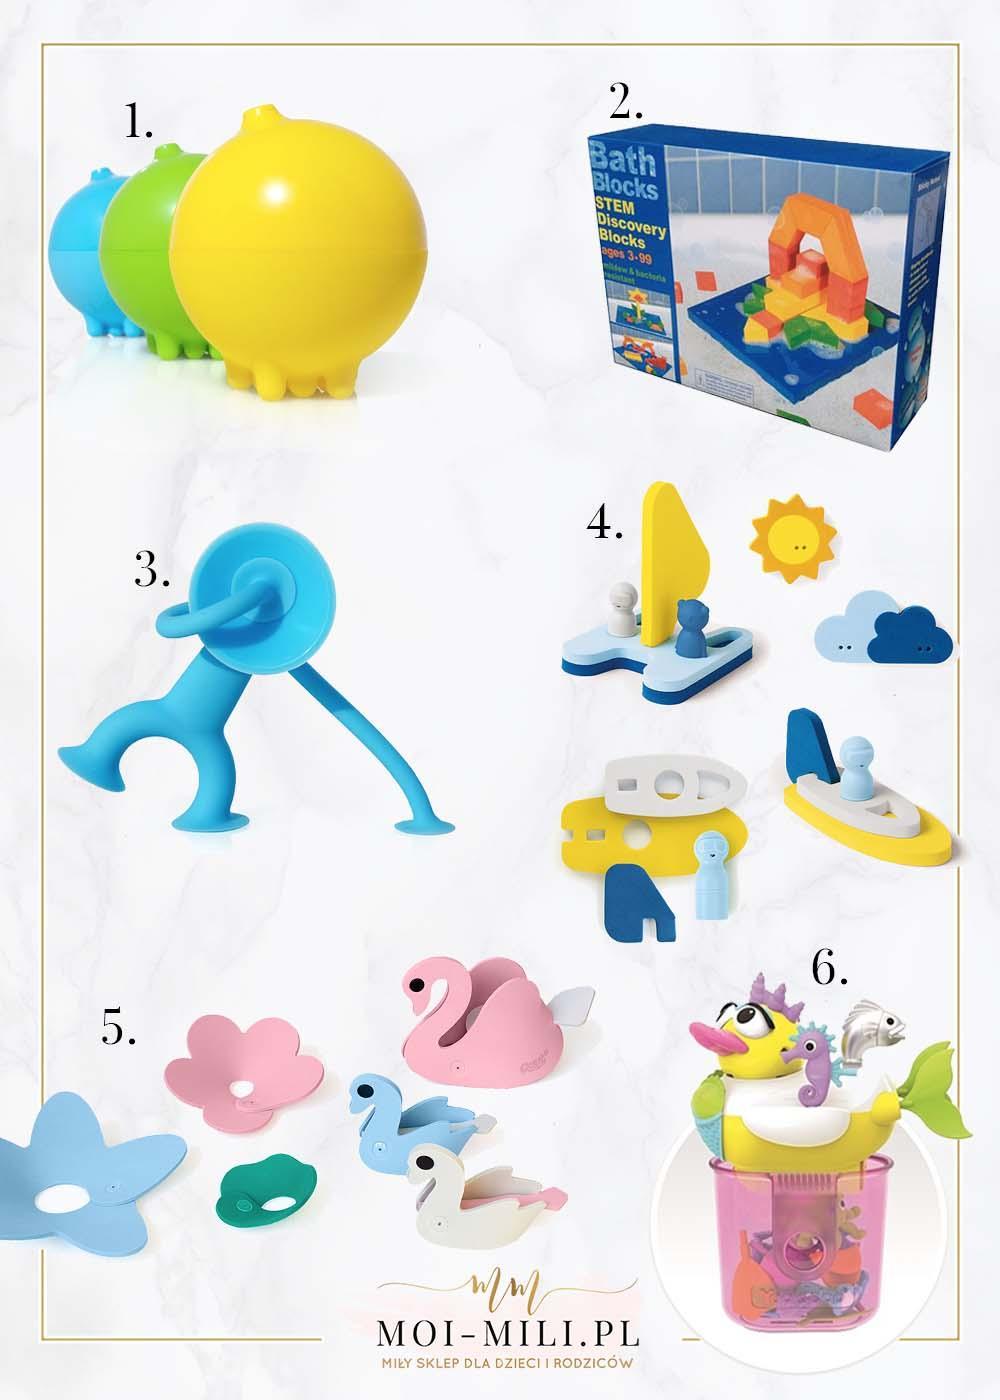 Zabawki do kąpieli to świetny pomysł na prezent dla 5 latka.